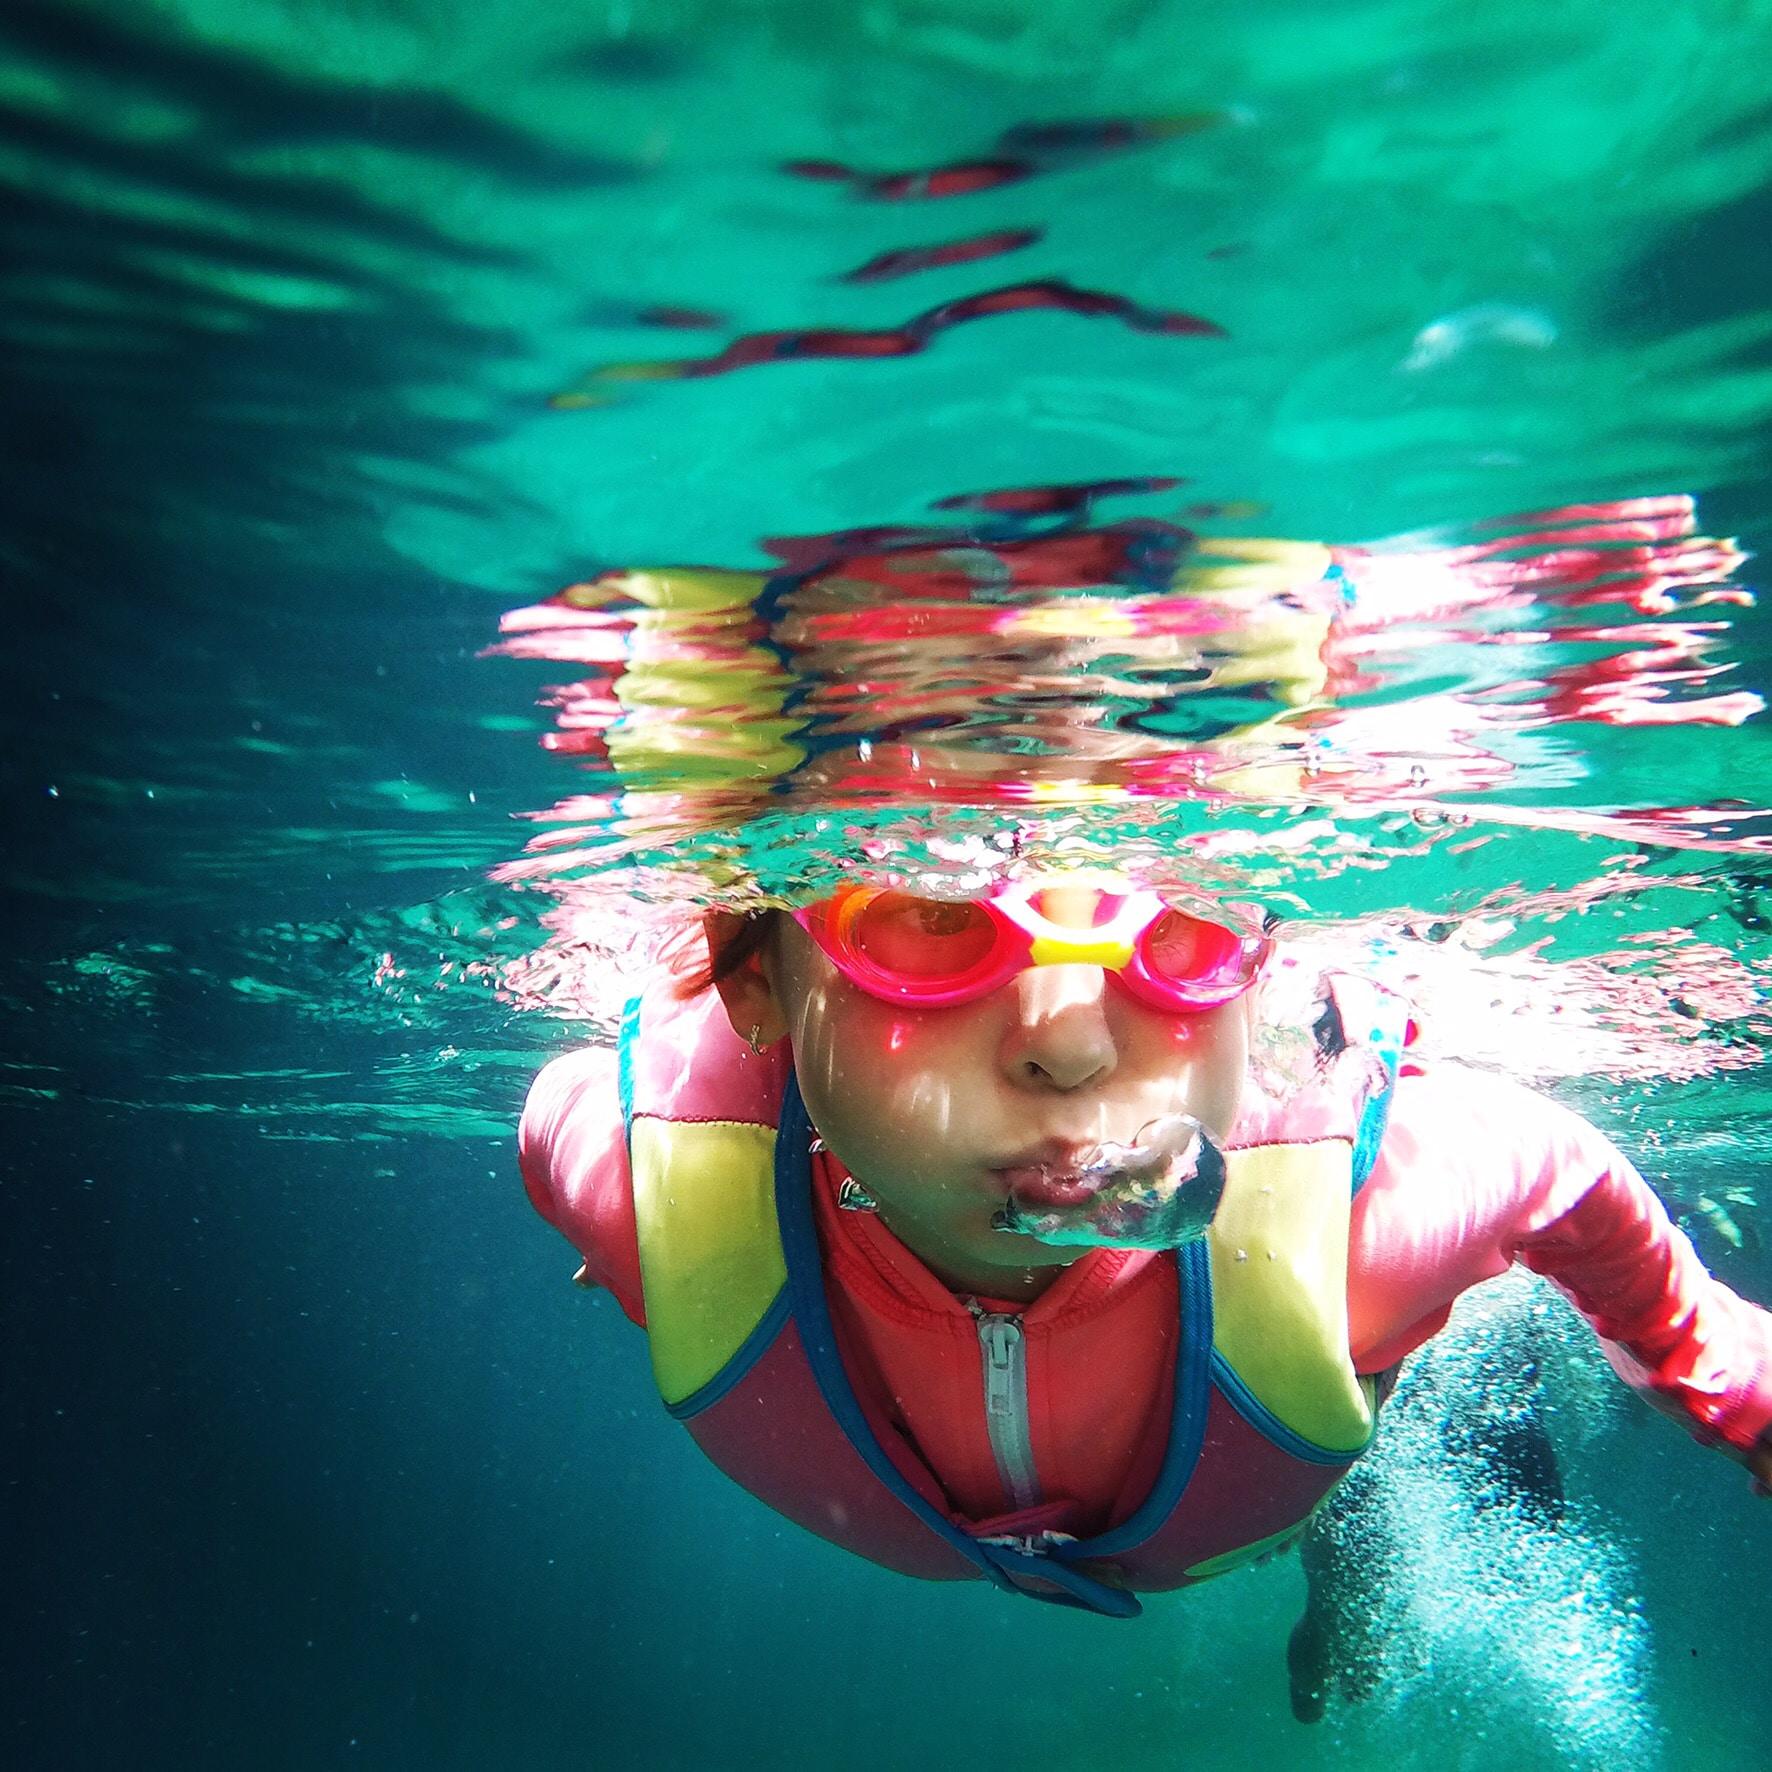 guillermo diaz mier y teran UrsIDtdBDVQ unsplash - Hvordan vælger jeg de rigtige svømmebriller til mit barn?